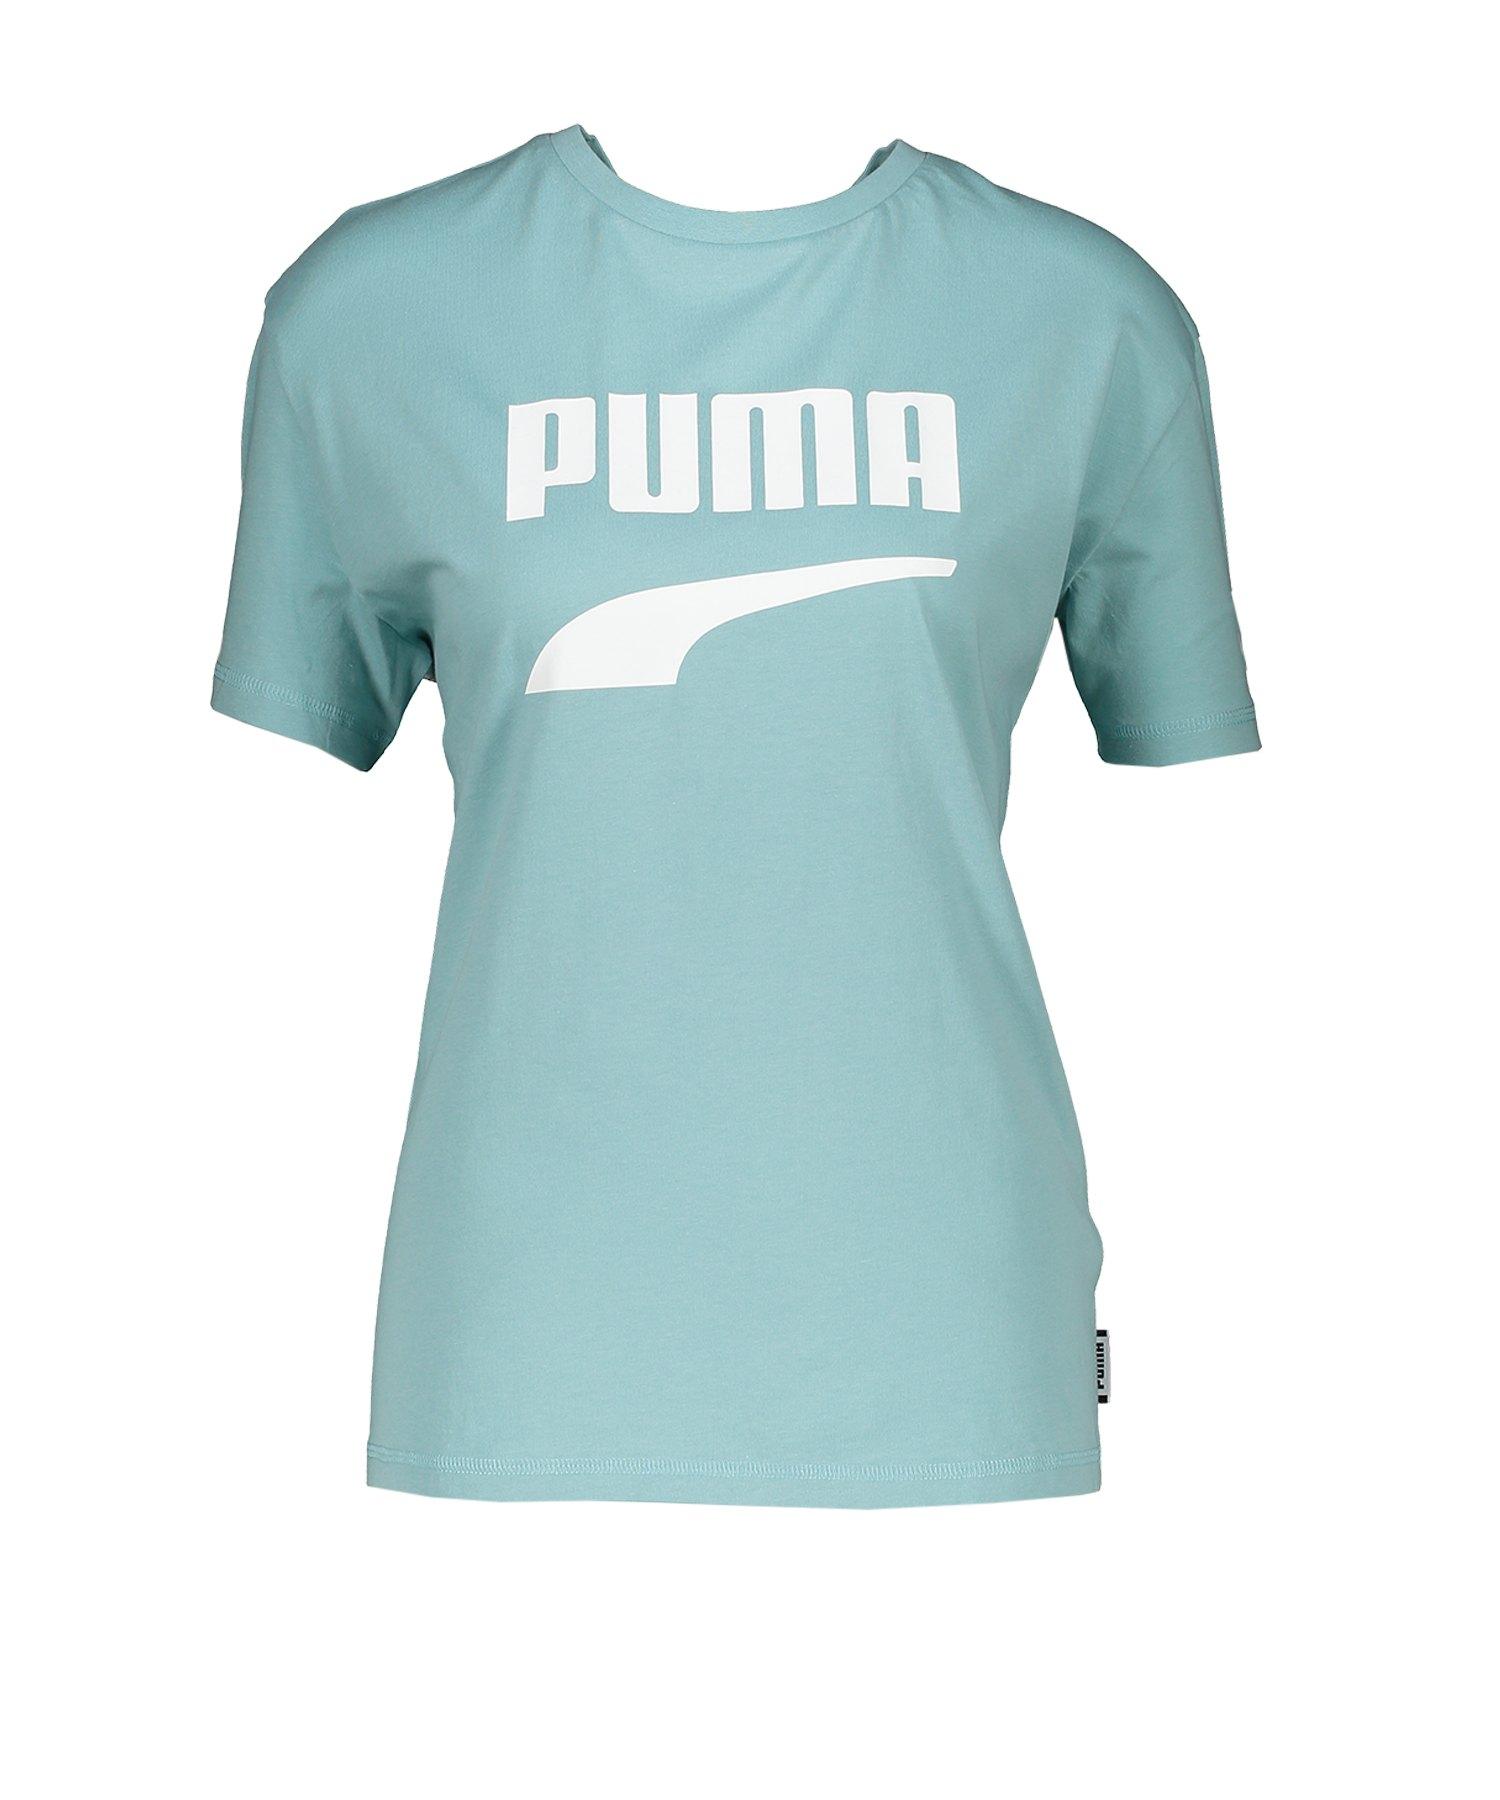 PUMA Downtown Tee T-Shirt Damen Türkis F34 - tuerkis